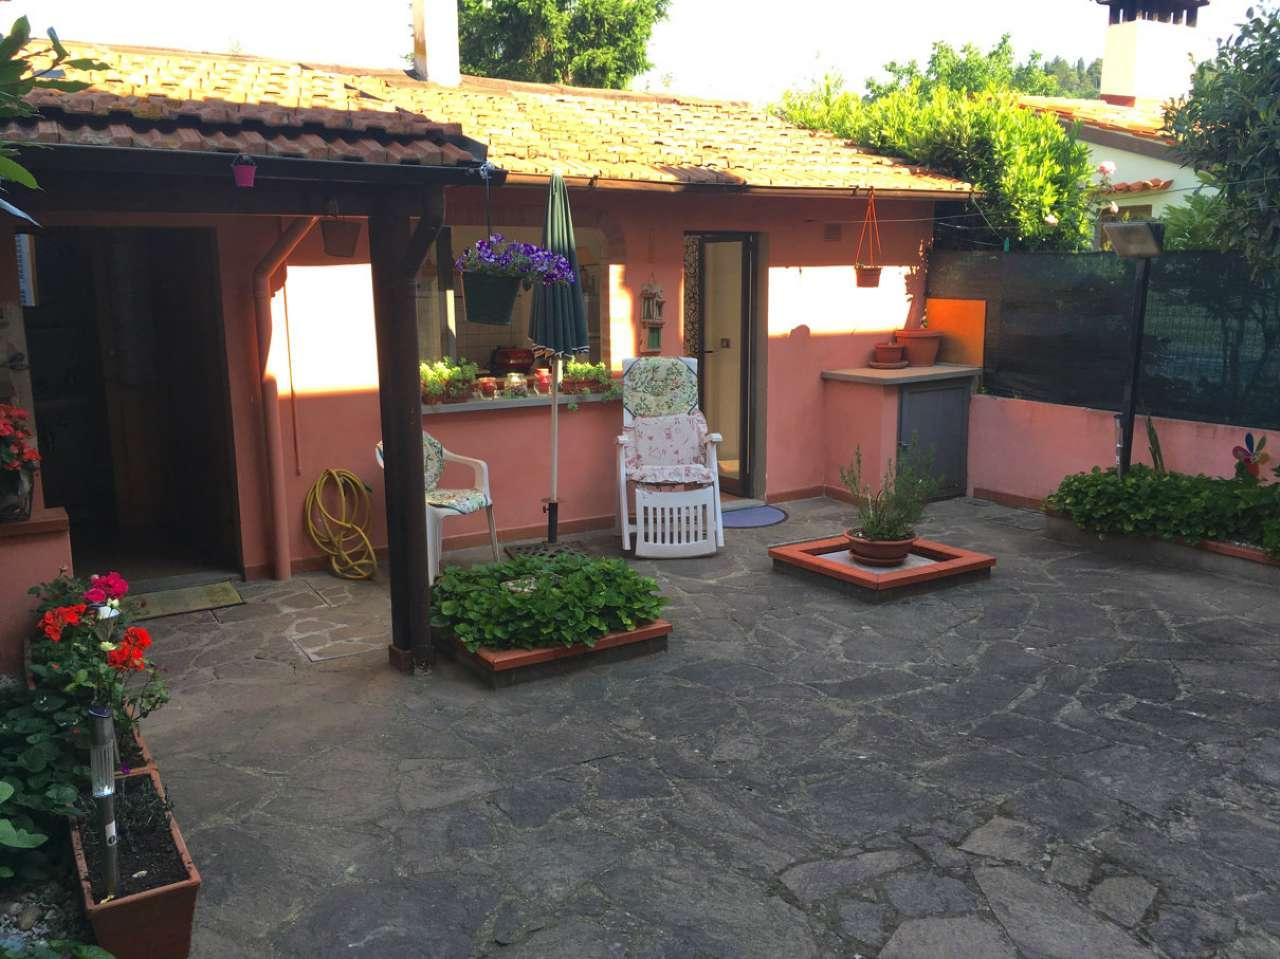 Palazzo / Stabile in vendita a Prato, 6 locali, prezzo € 310.000 | CambioCasa.it